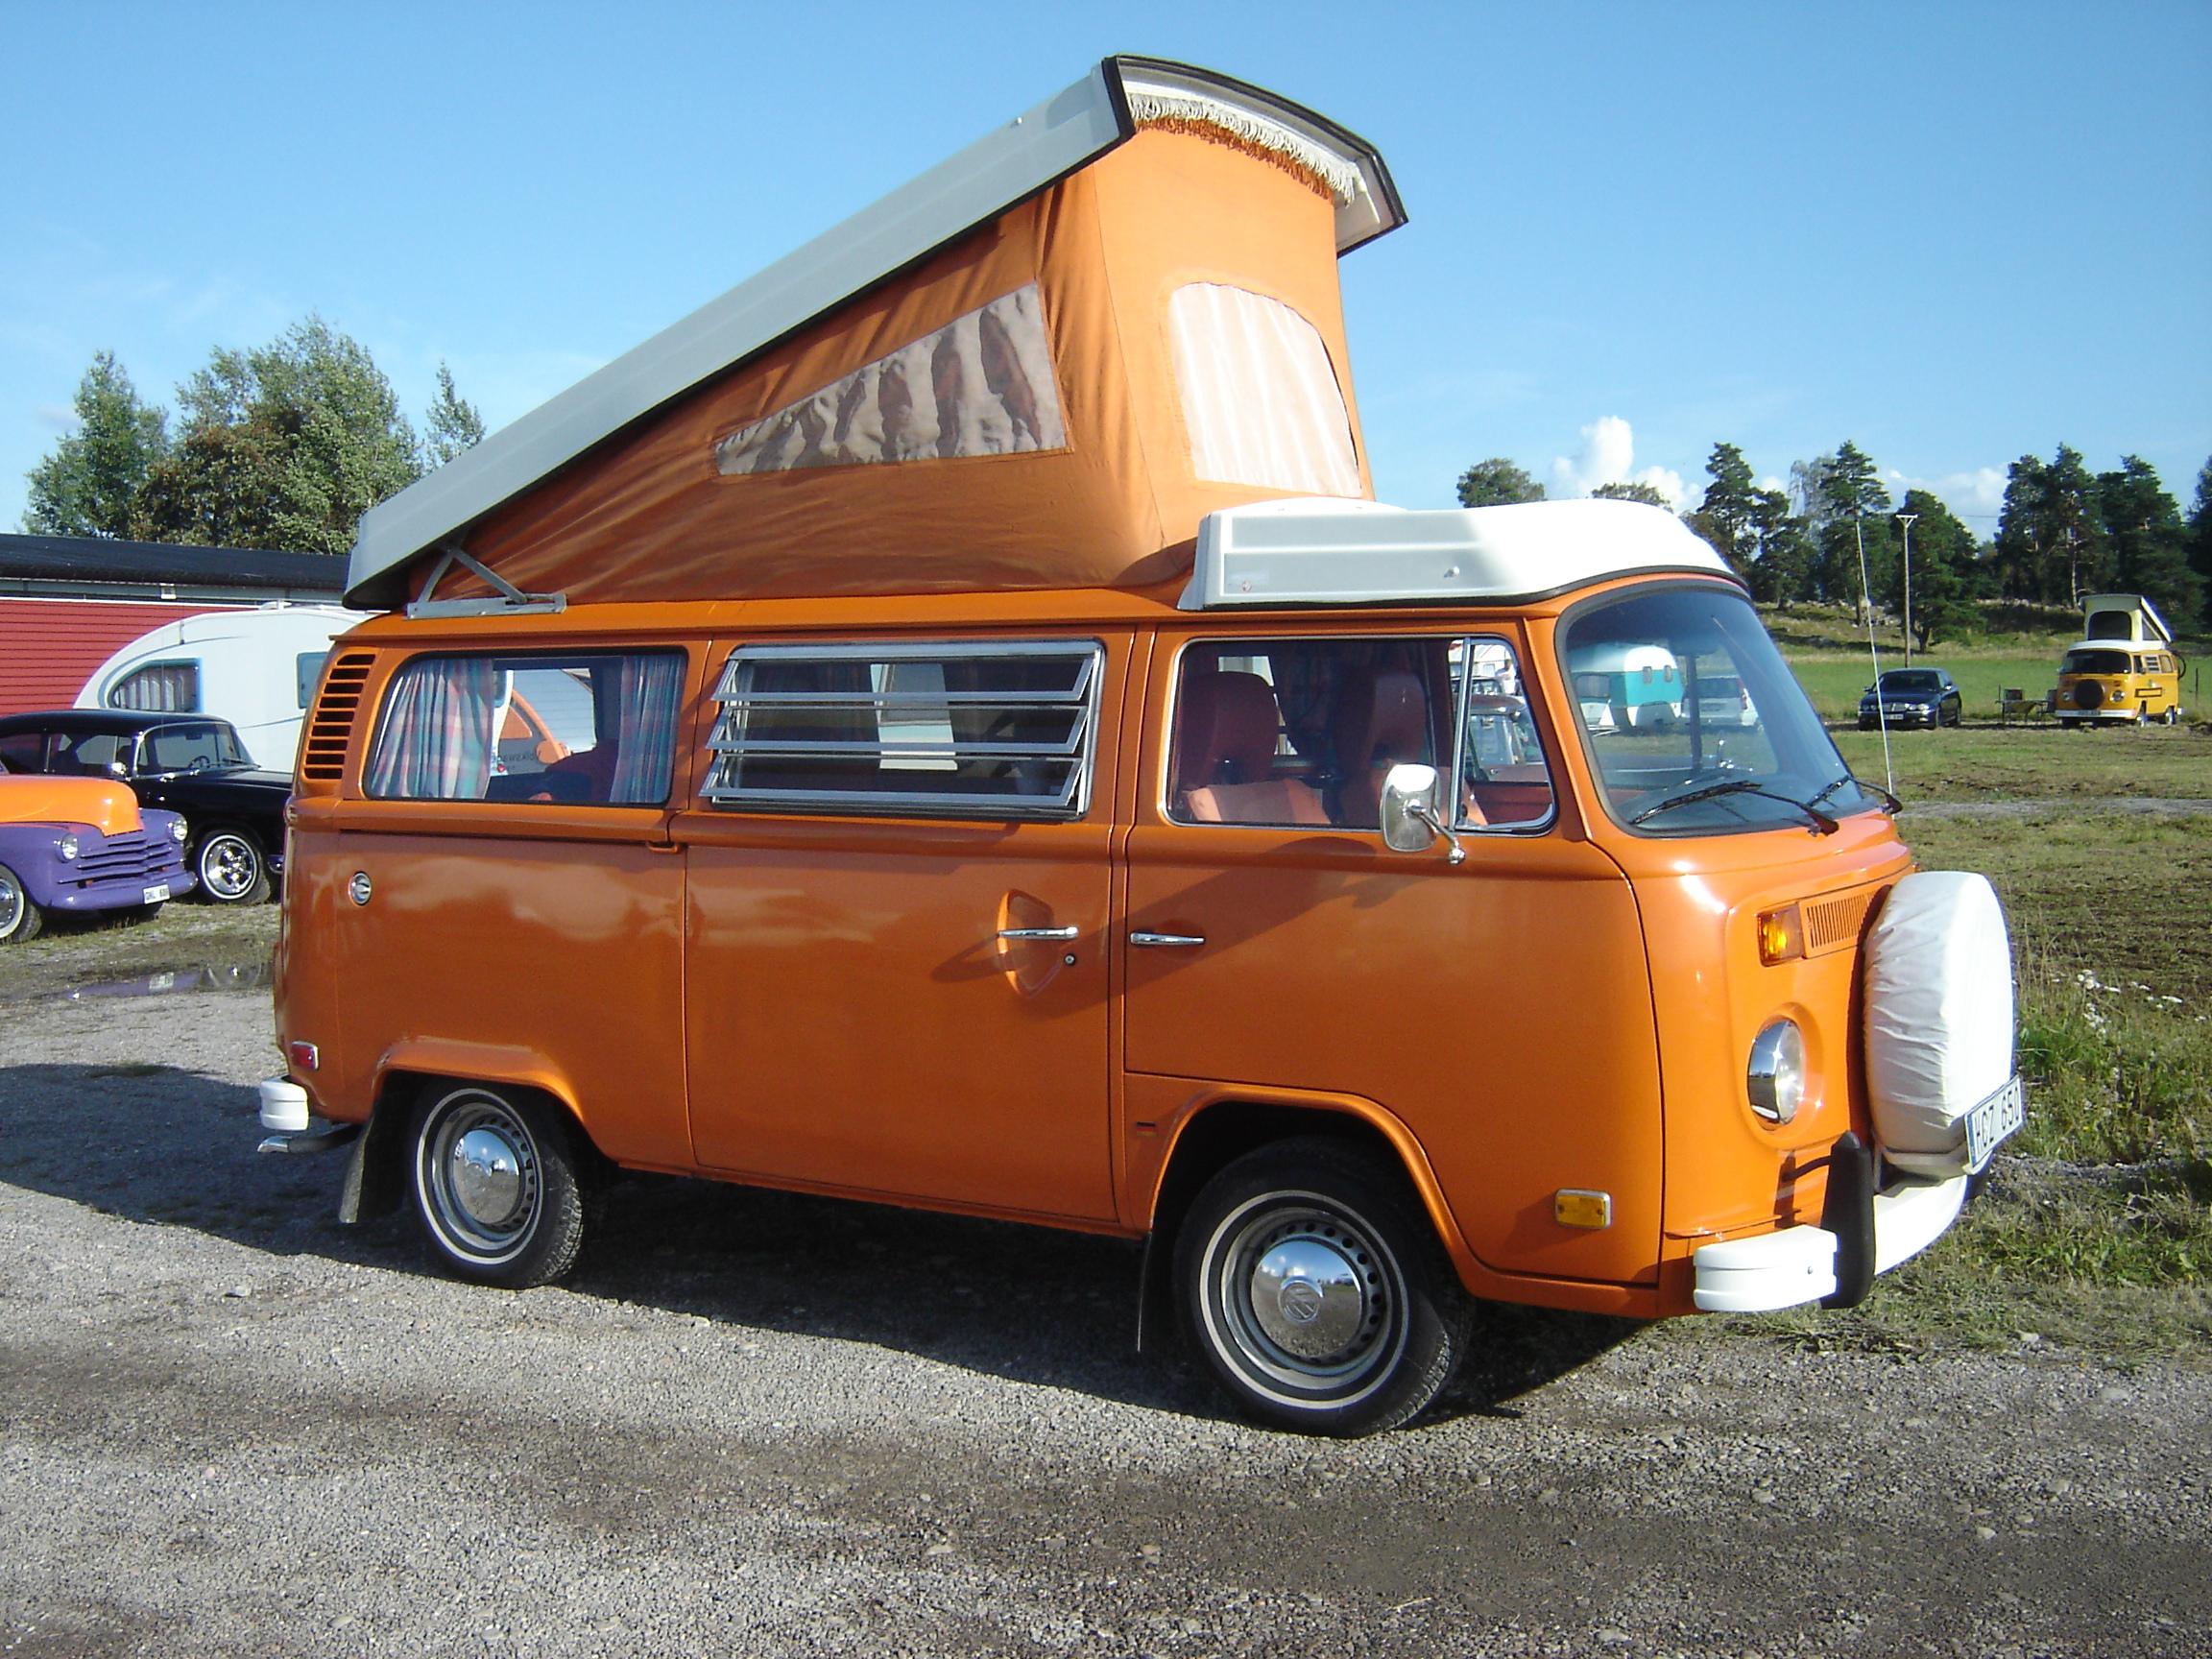 resultado camper busvw pinterest volkswagen vw imagen bulli bus vibe pin campercampersbeetle de